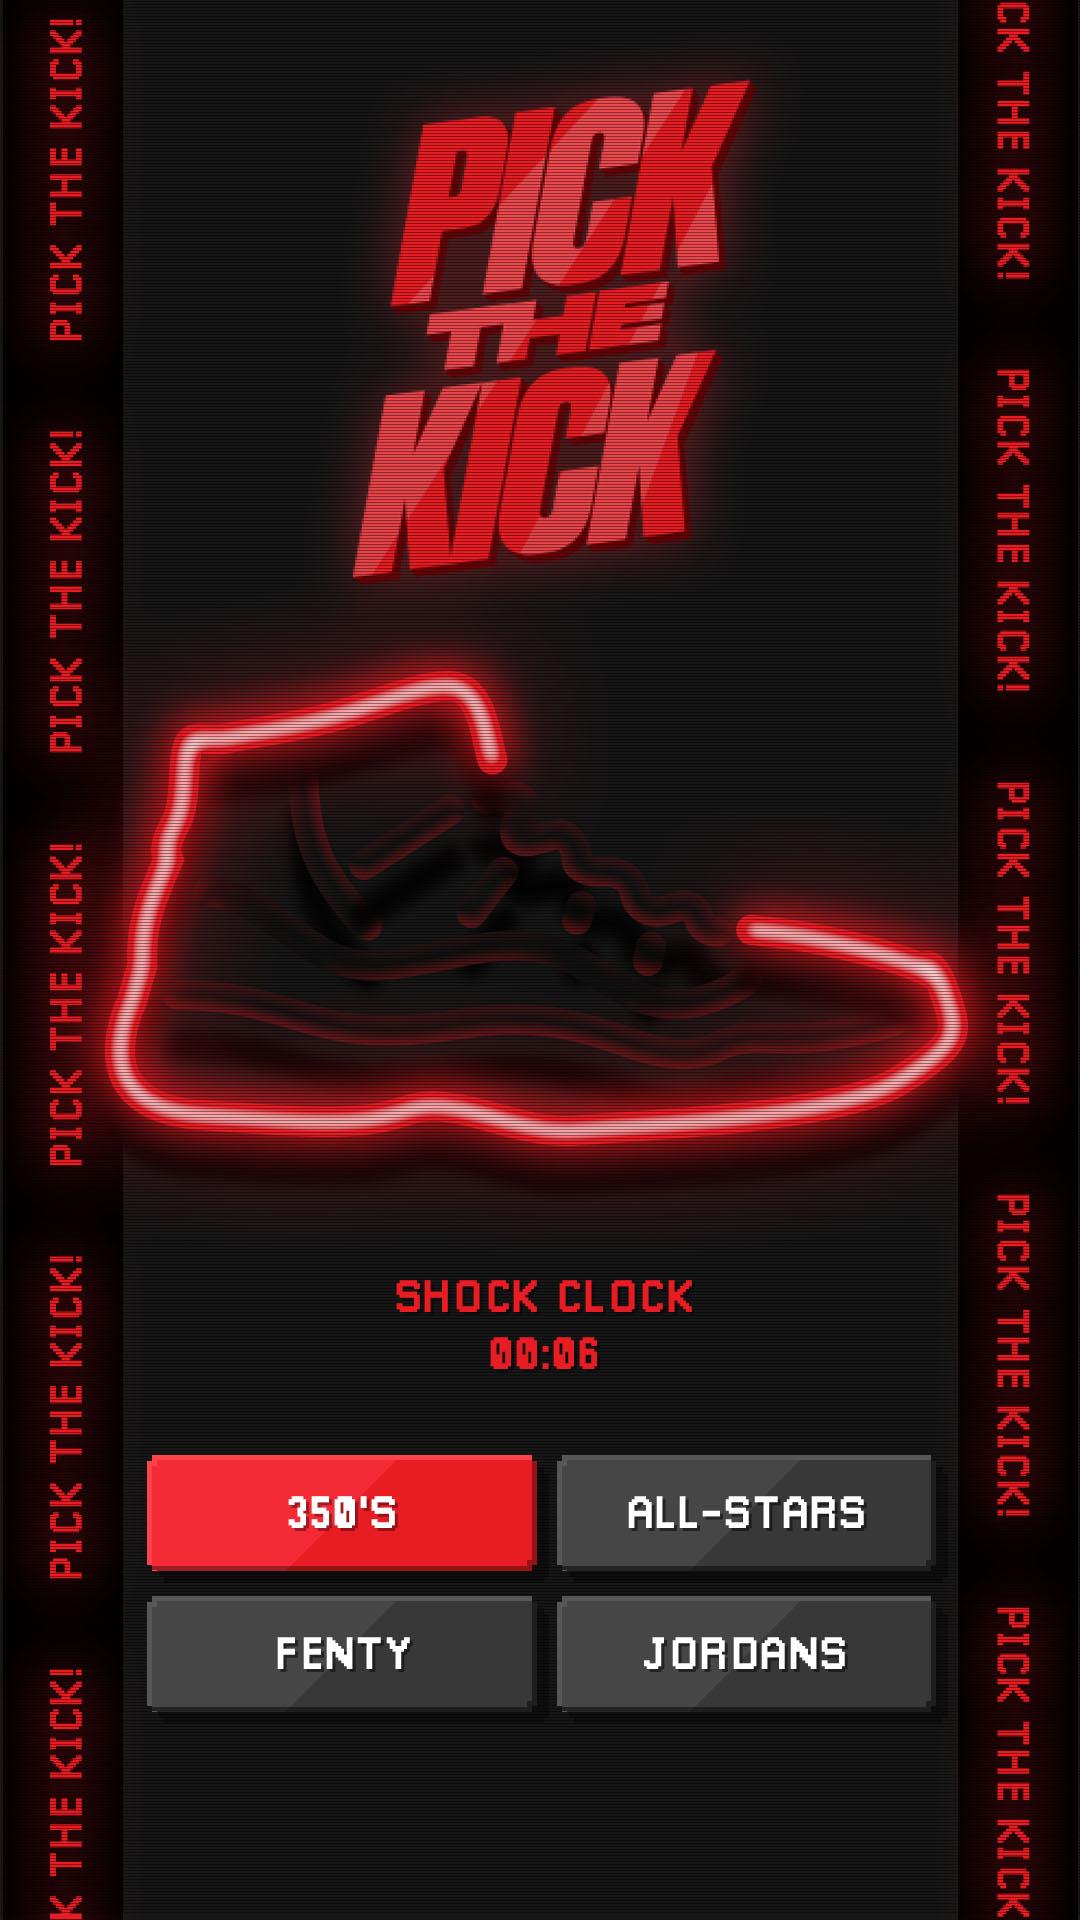 FC_Store_0023_PicktheKick